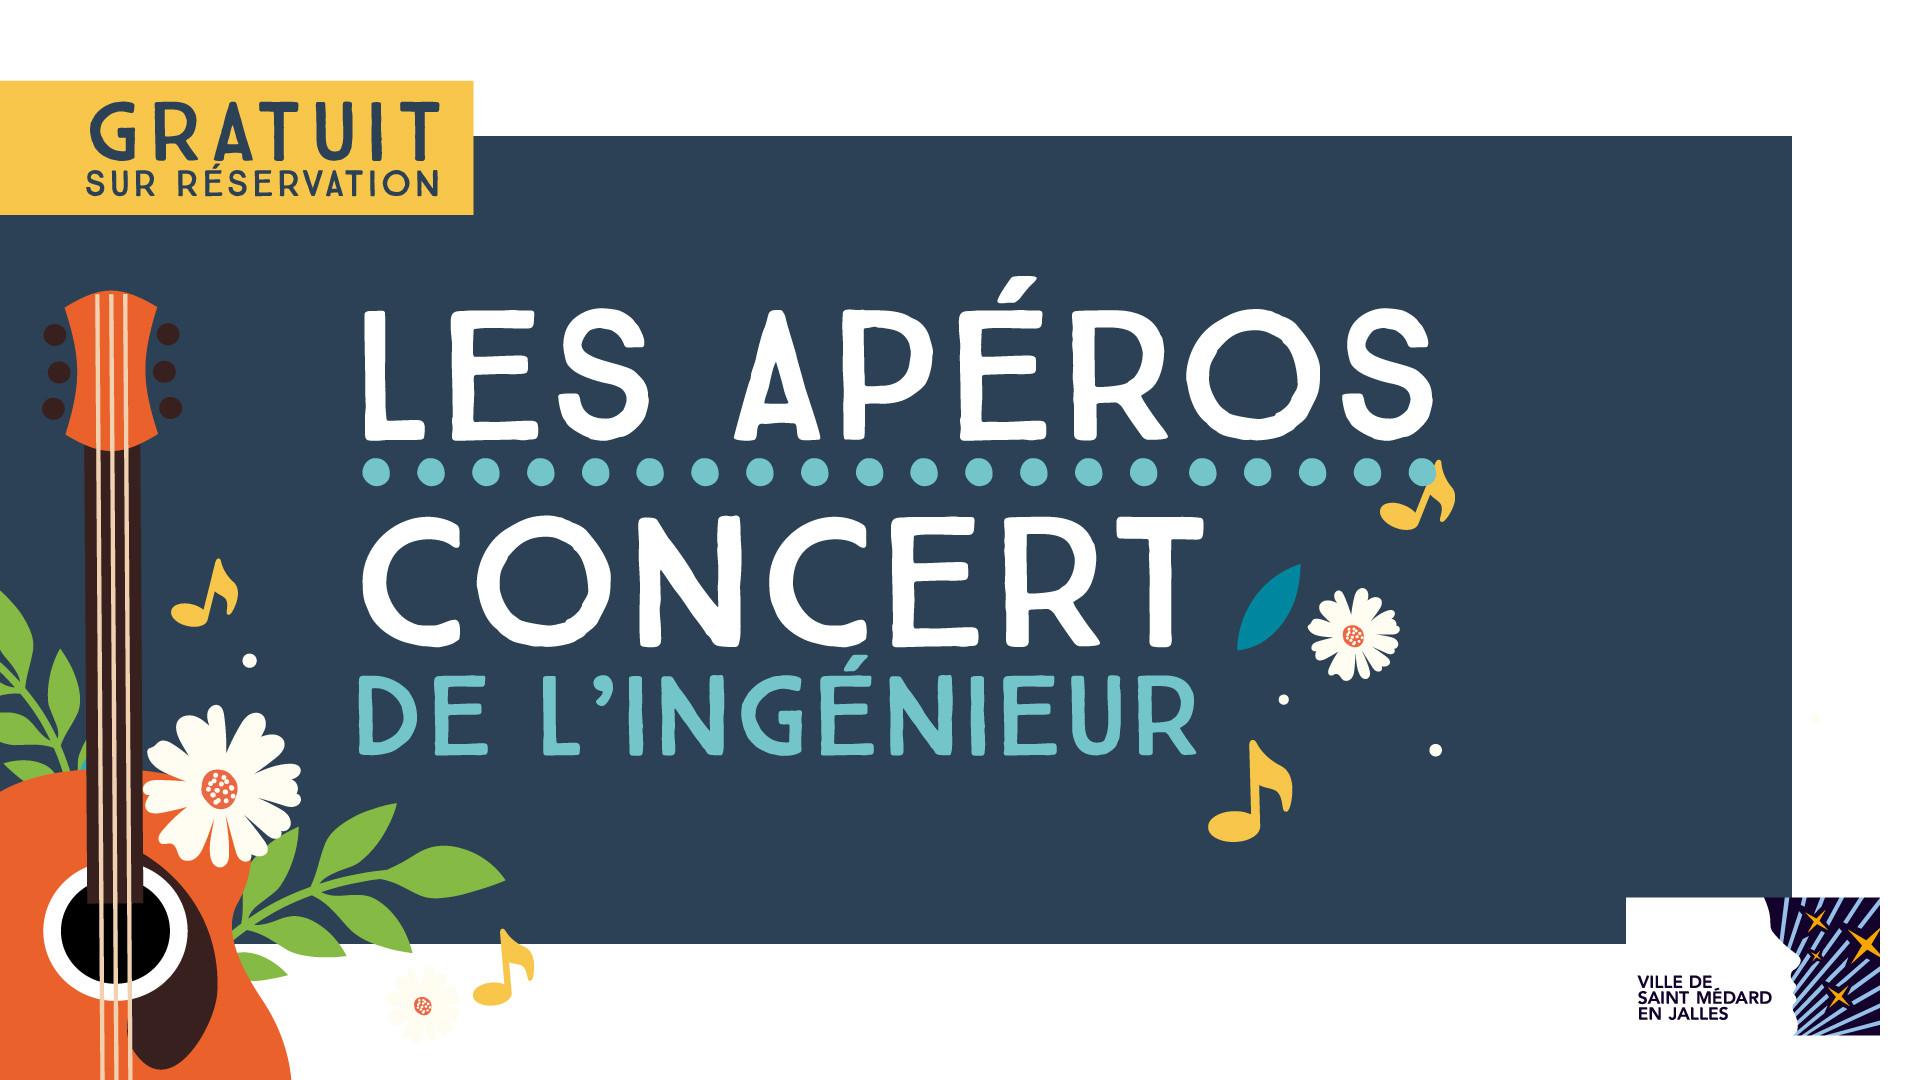 Apéros concerts de l'Ingénieur